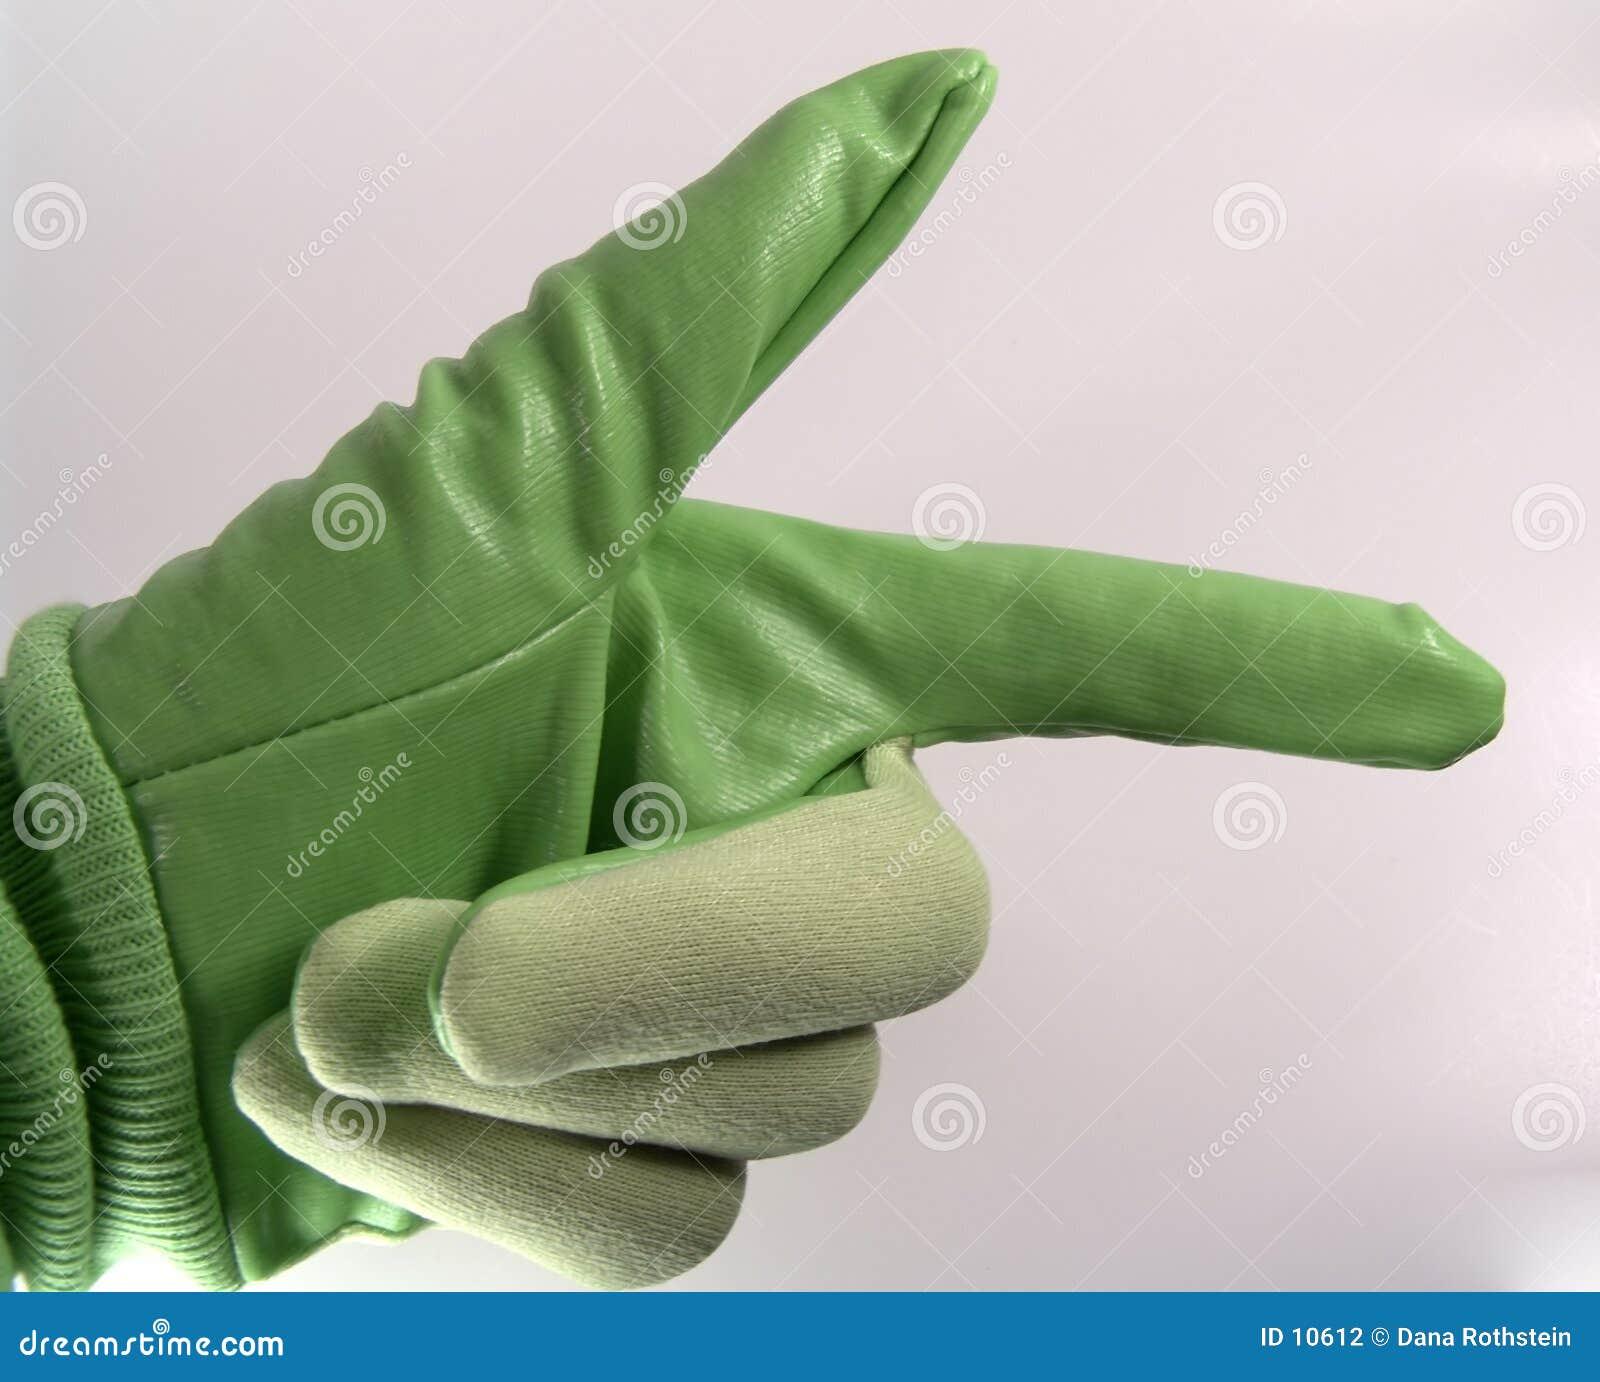 Handskegreen som till höger pekar